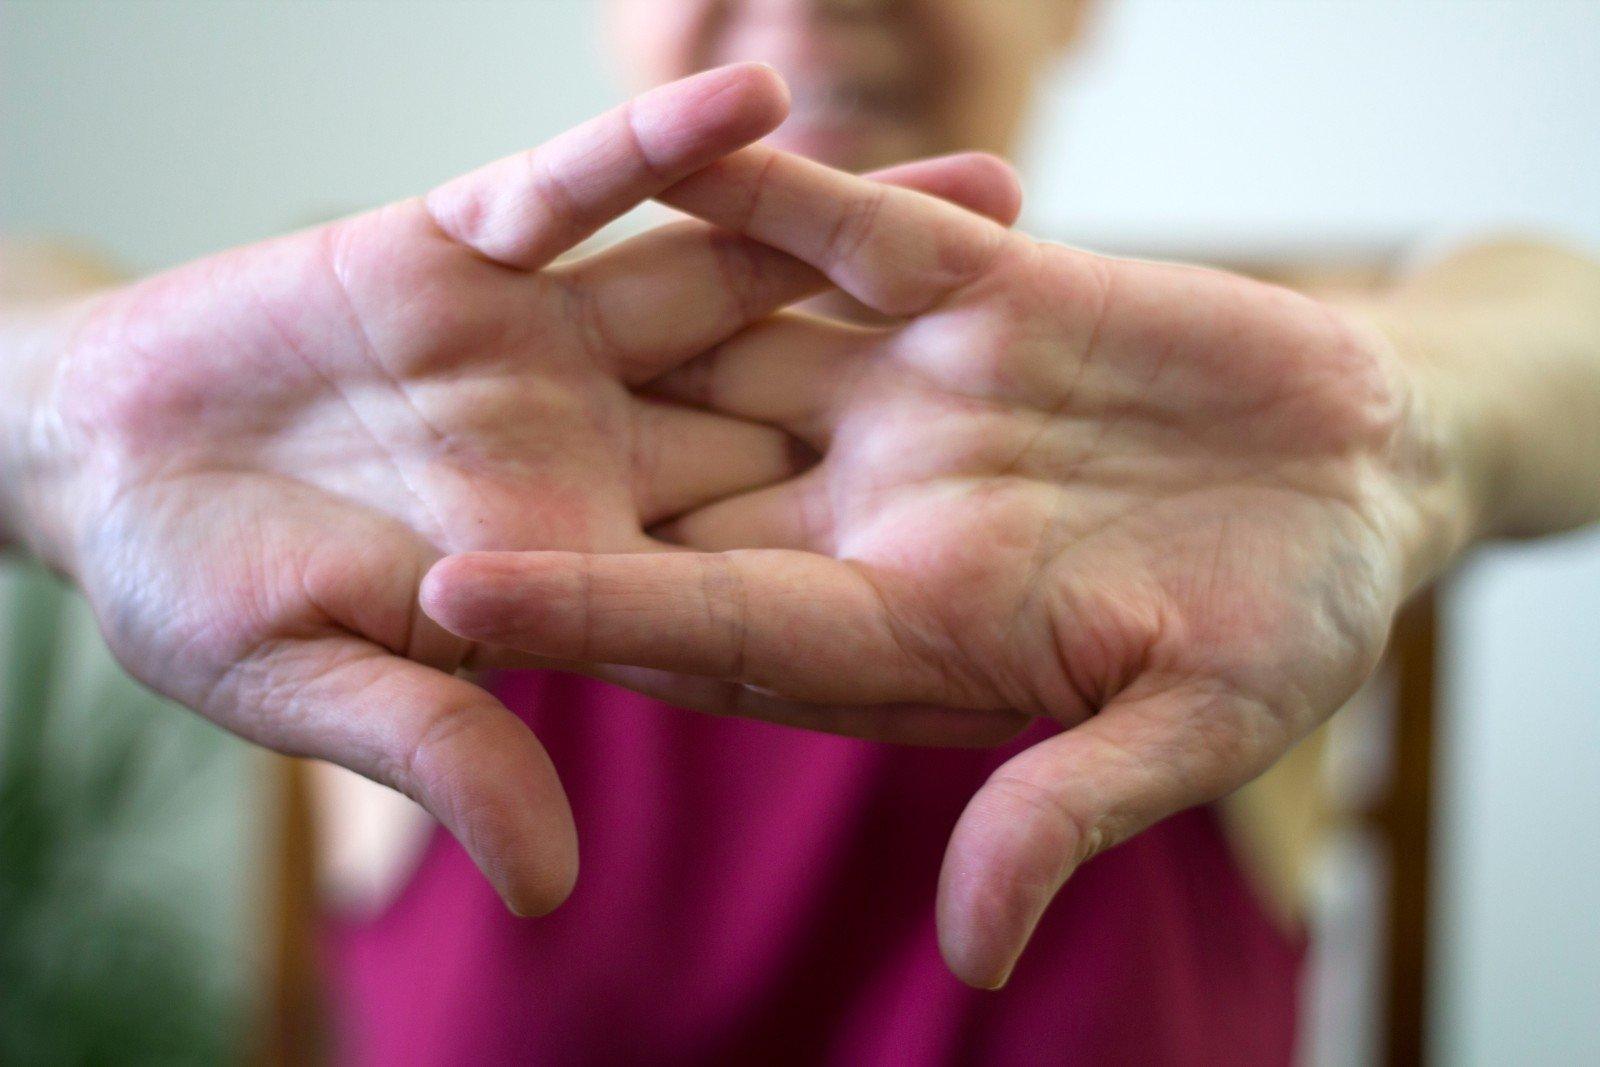 3 mėnesių alkūnės sąnario skauda doa mažų sąnarių rankų gydymui